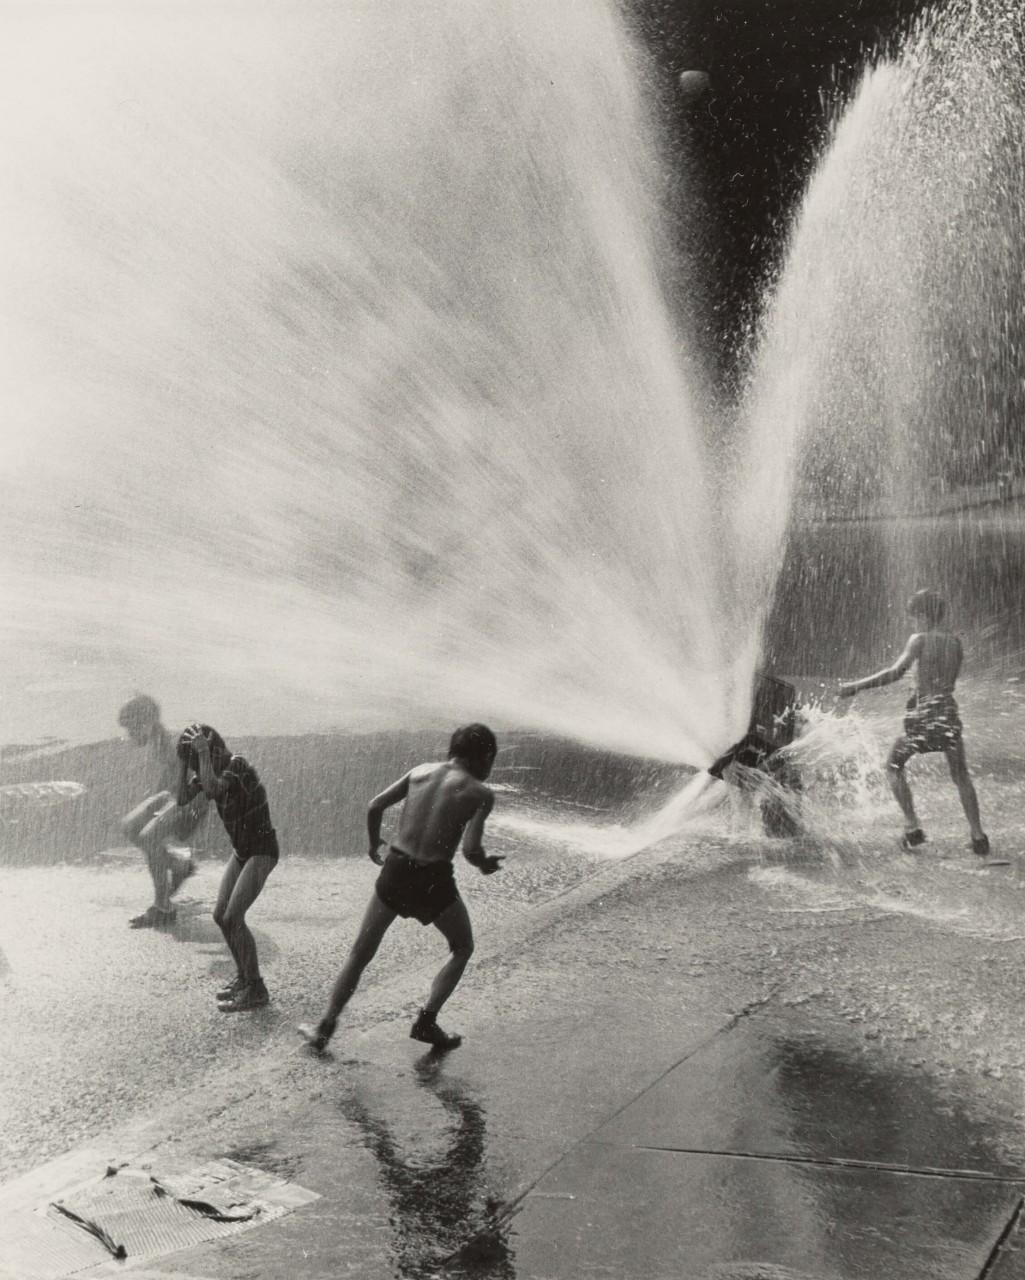 У пожарного гидранта, 1948. Фотограф Фриц Нойгасс